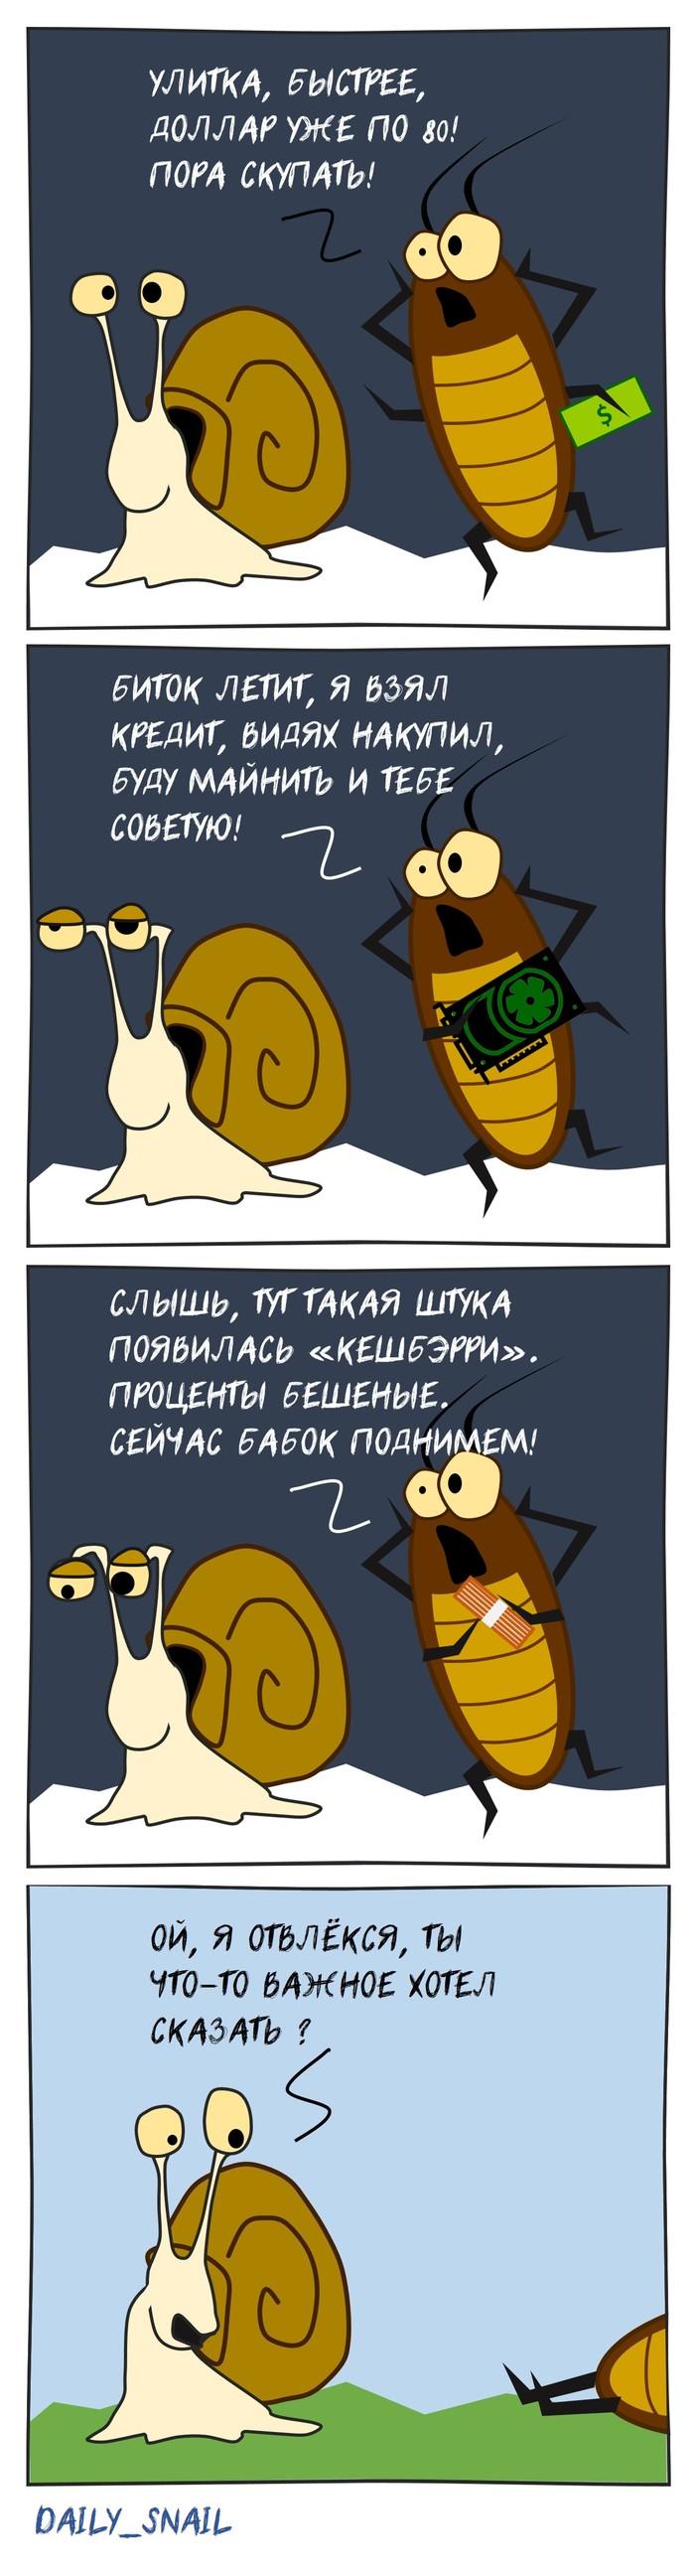 Медленная улитка #1 Улитка, Комиксы, Кешберри, Рубль, Тараканы, Деньги, Длиннопост